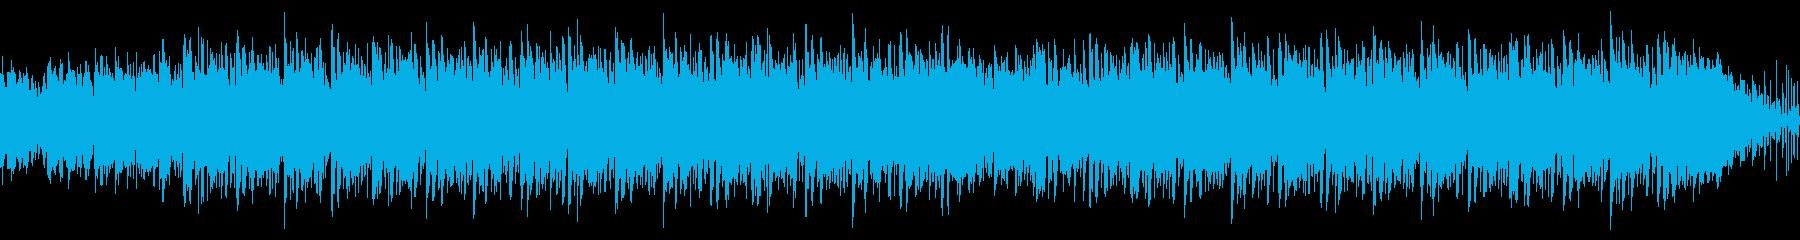 ウクレレと蝉の声の夏らしいループの再生済みの波形